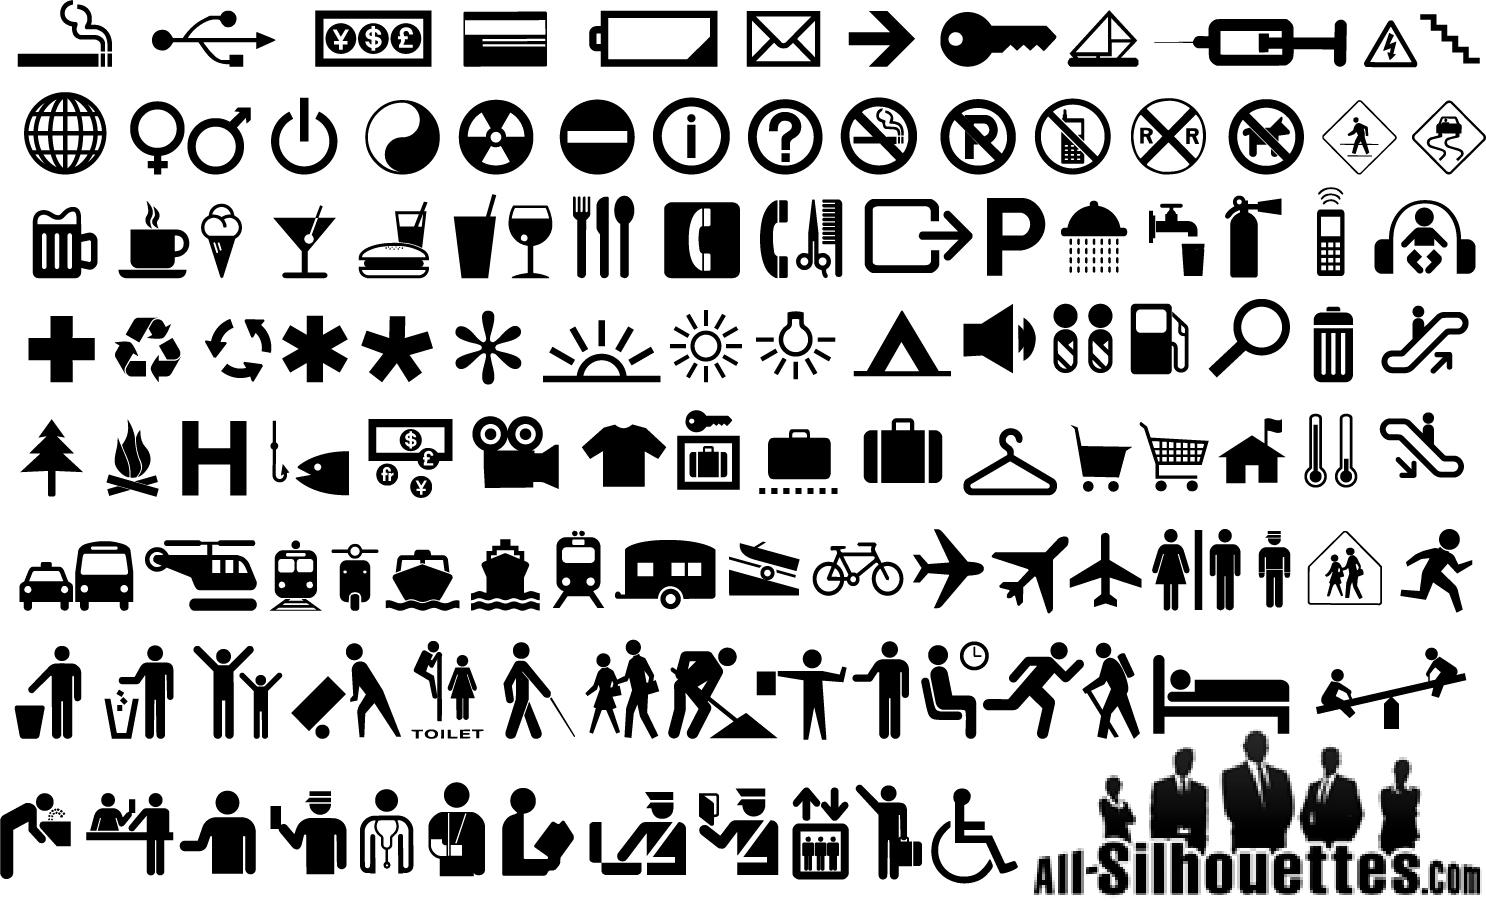 ピクトグラム アイコン集 Vector Pictogram Icons イラスト素材